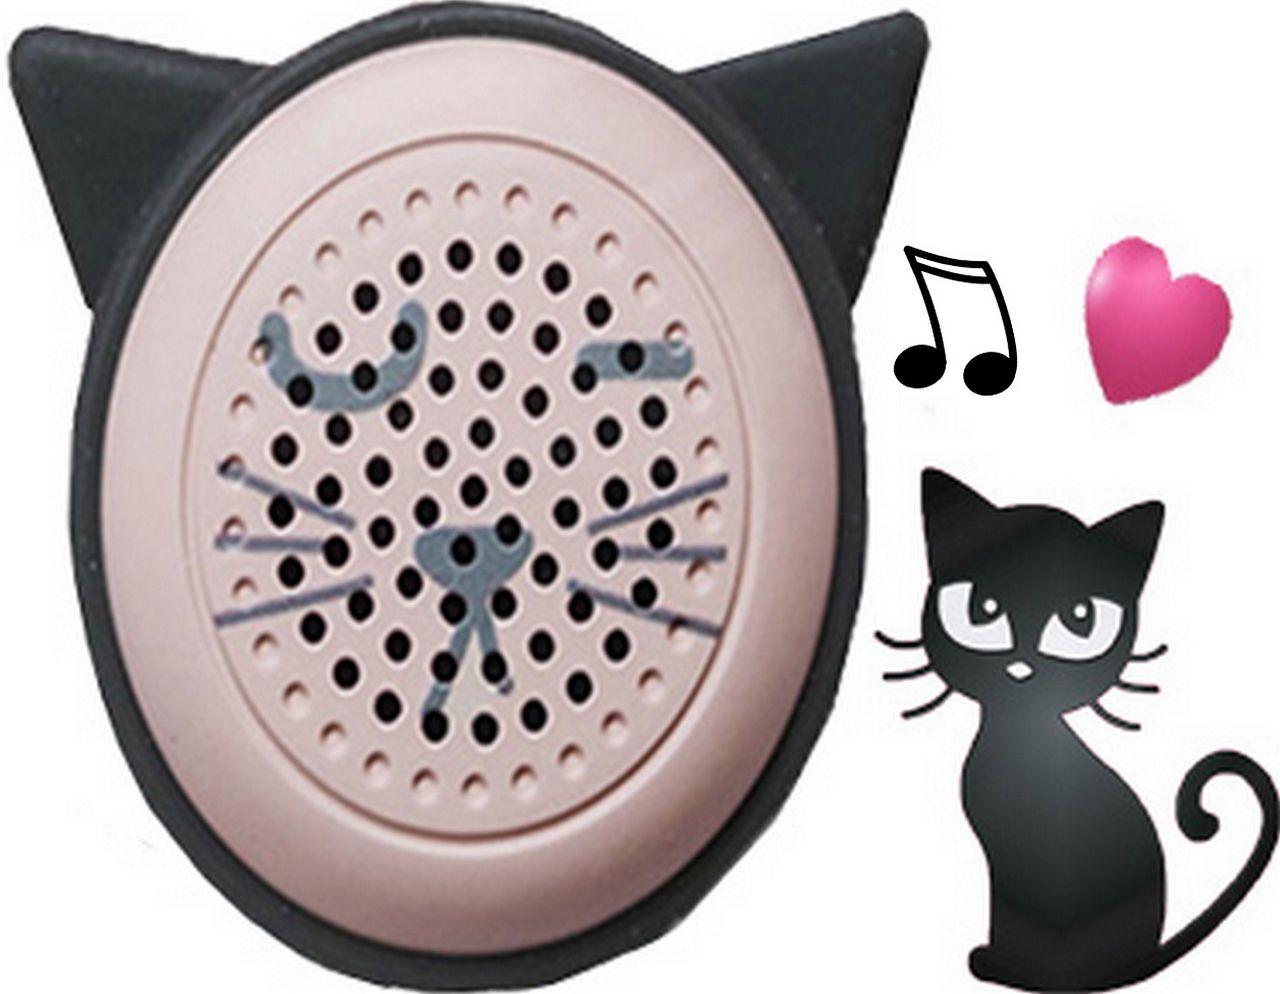 Mini Caixa De Som Bluetooth Chaveiro Rosa Chá Up4you Moderna Gatinha Com Disparador De Selfie